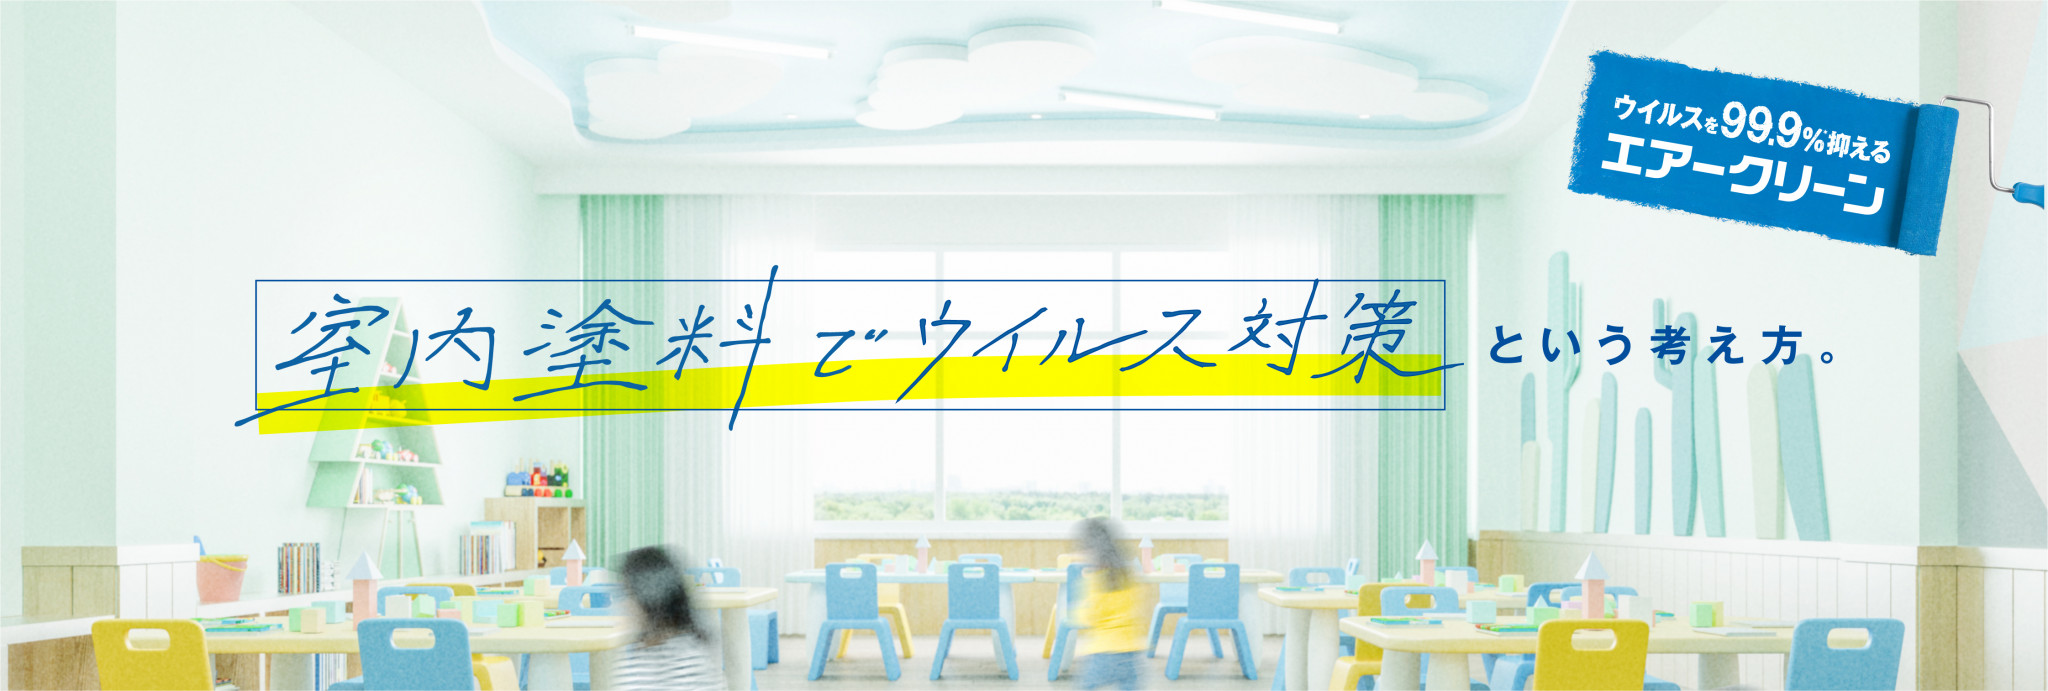 np_perfect_interior_airclean_lp_sozai_banner_B_202007